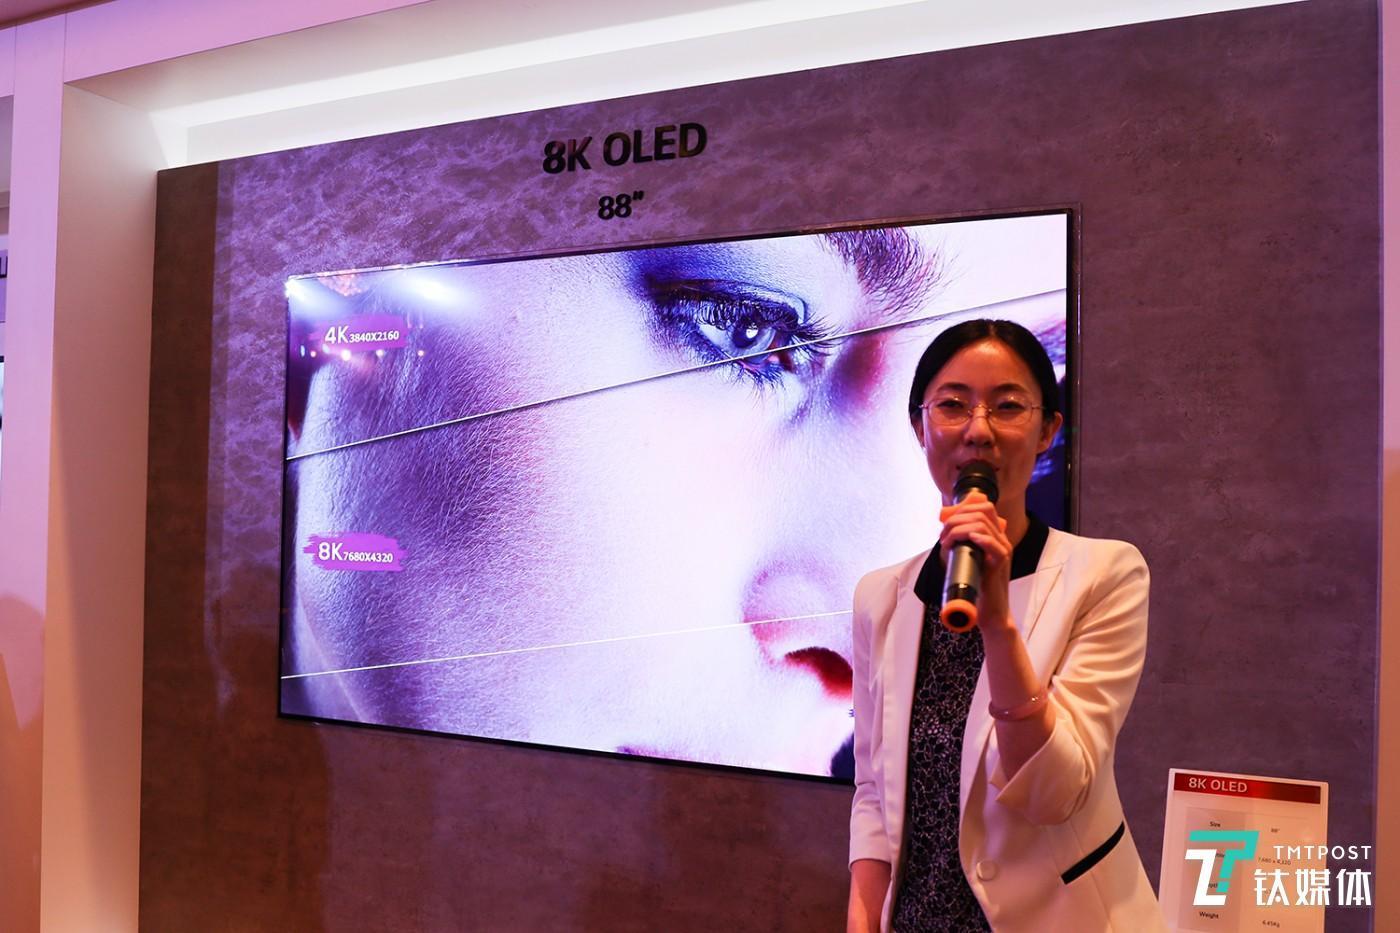 88寸8K OLED屏幕